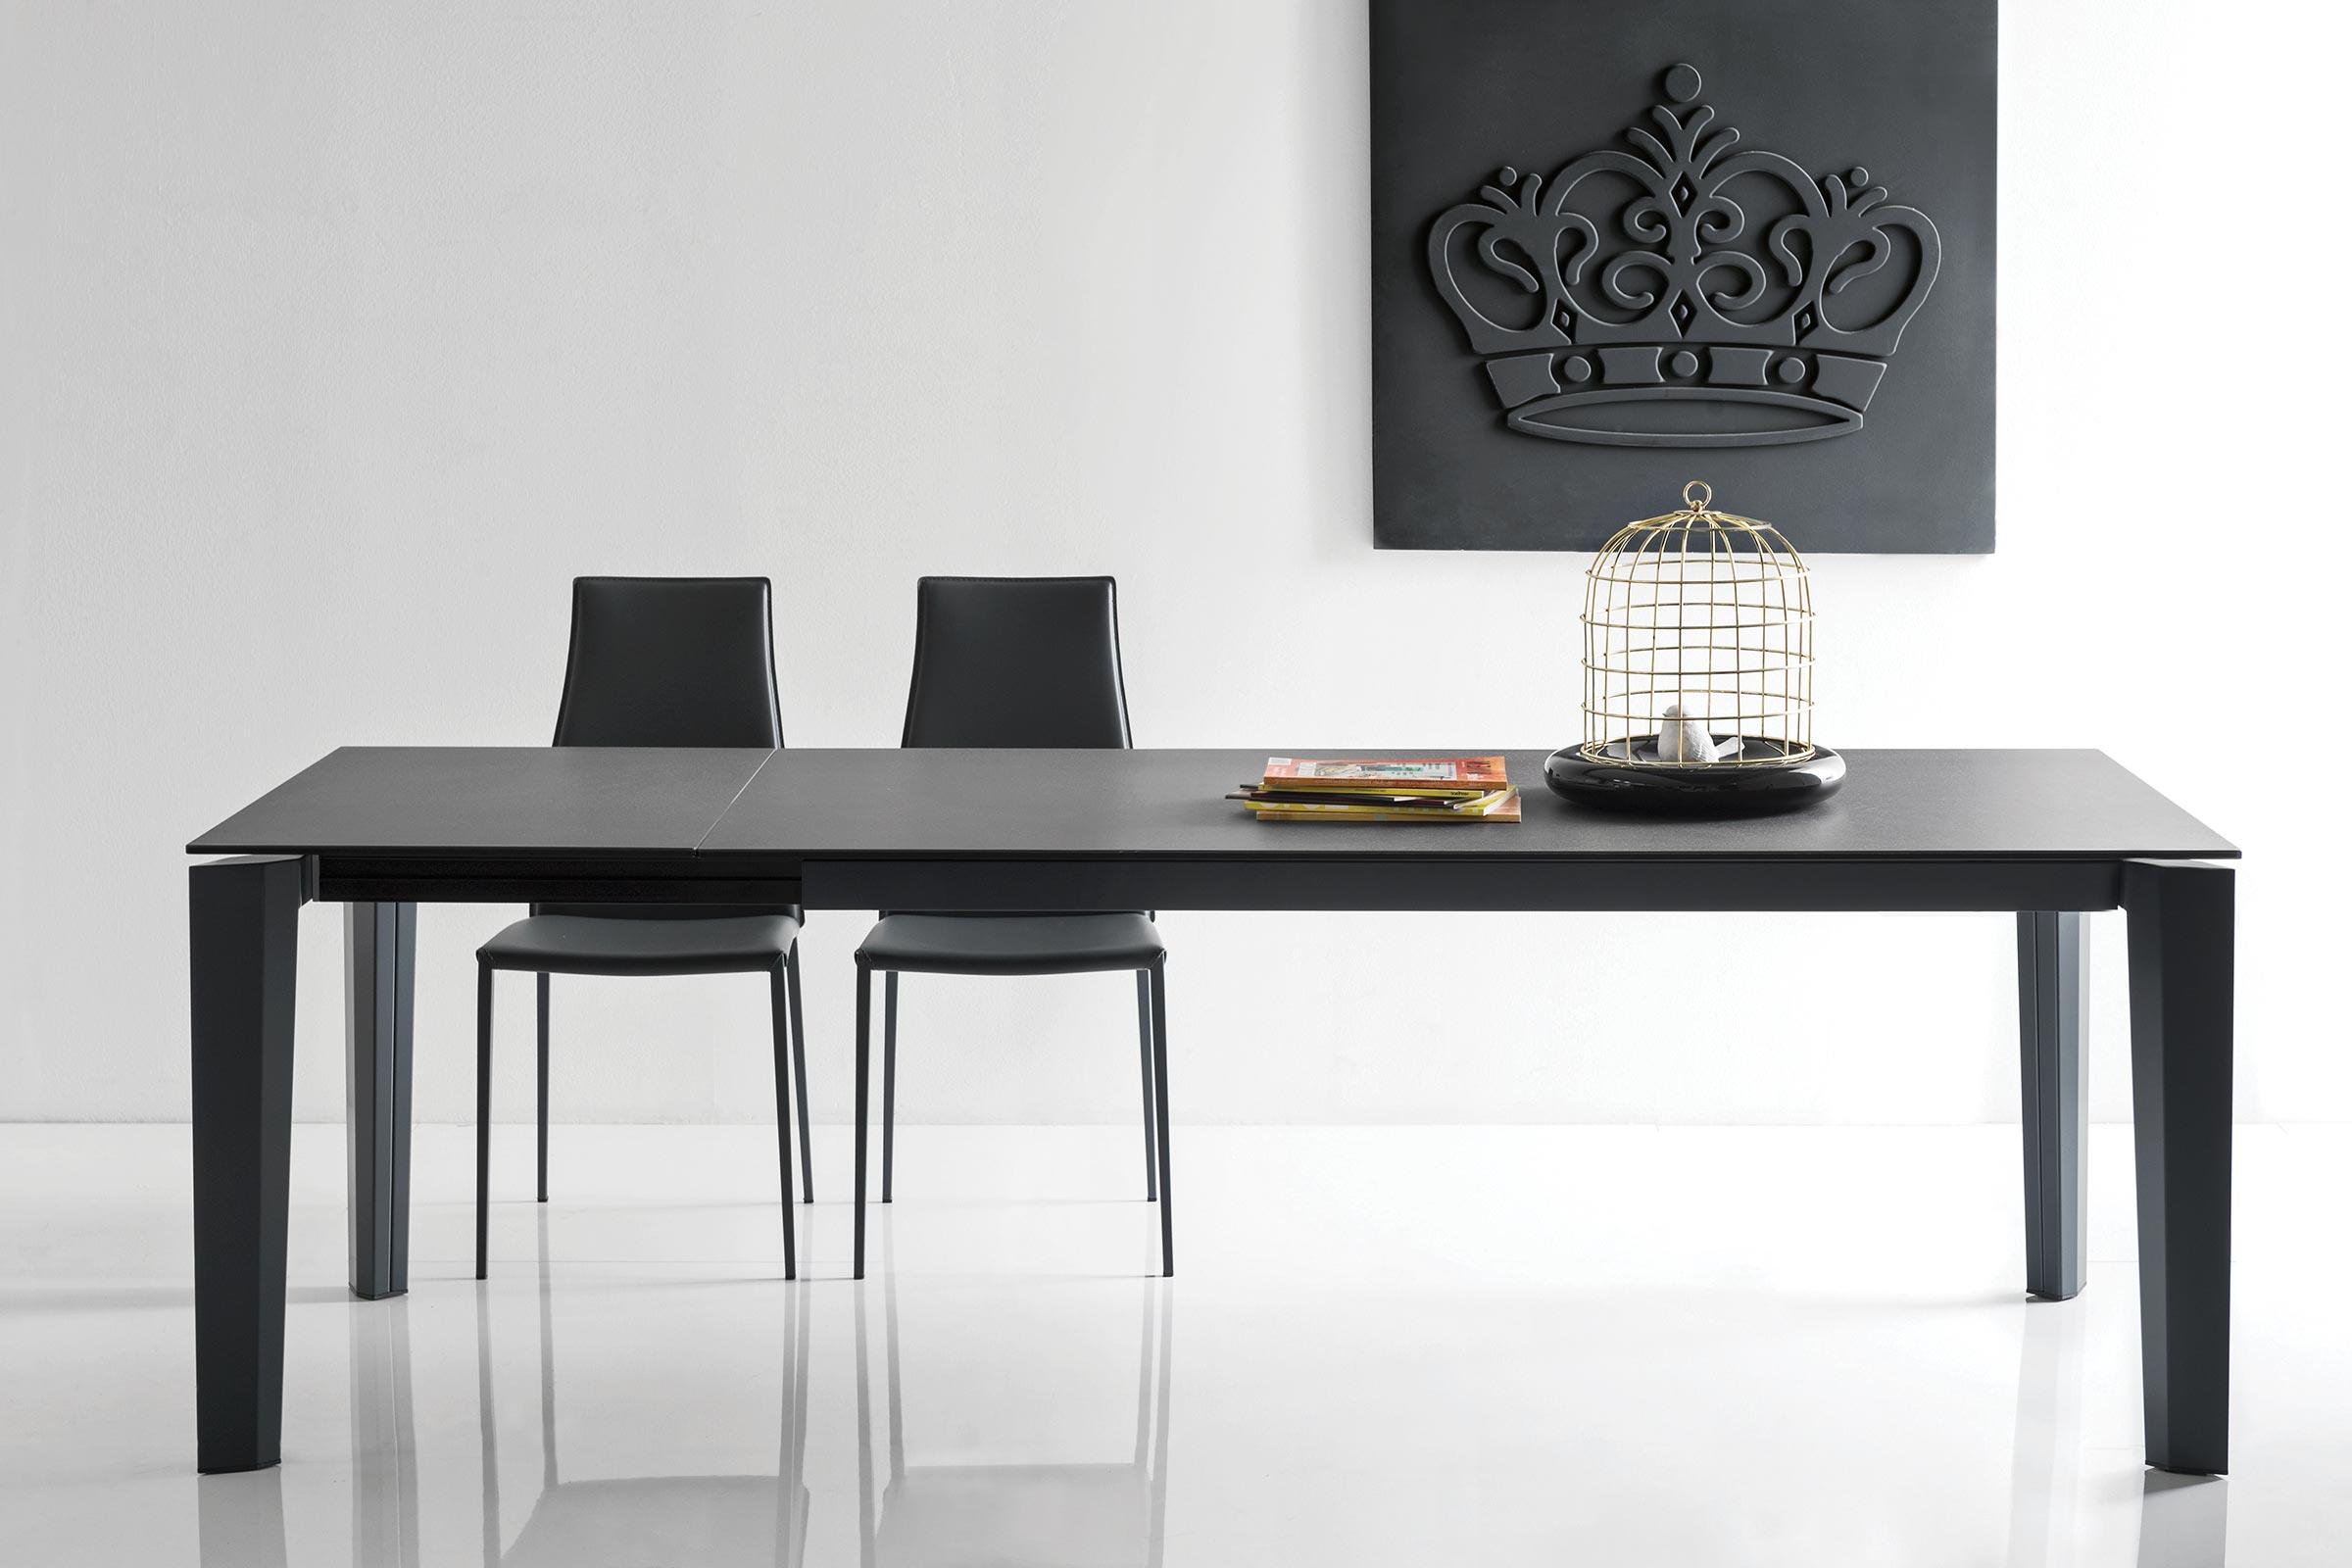 DELTA Modern Extendable Table Calligaris Boca Raton